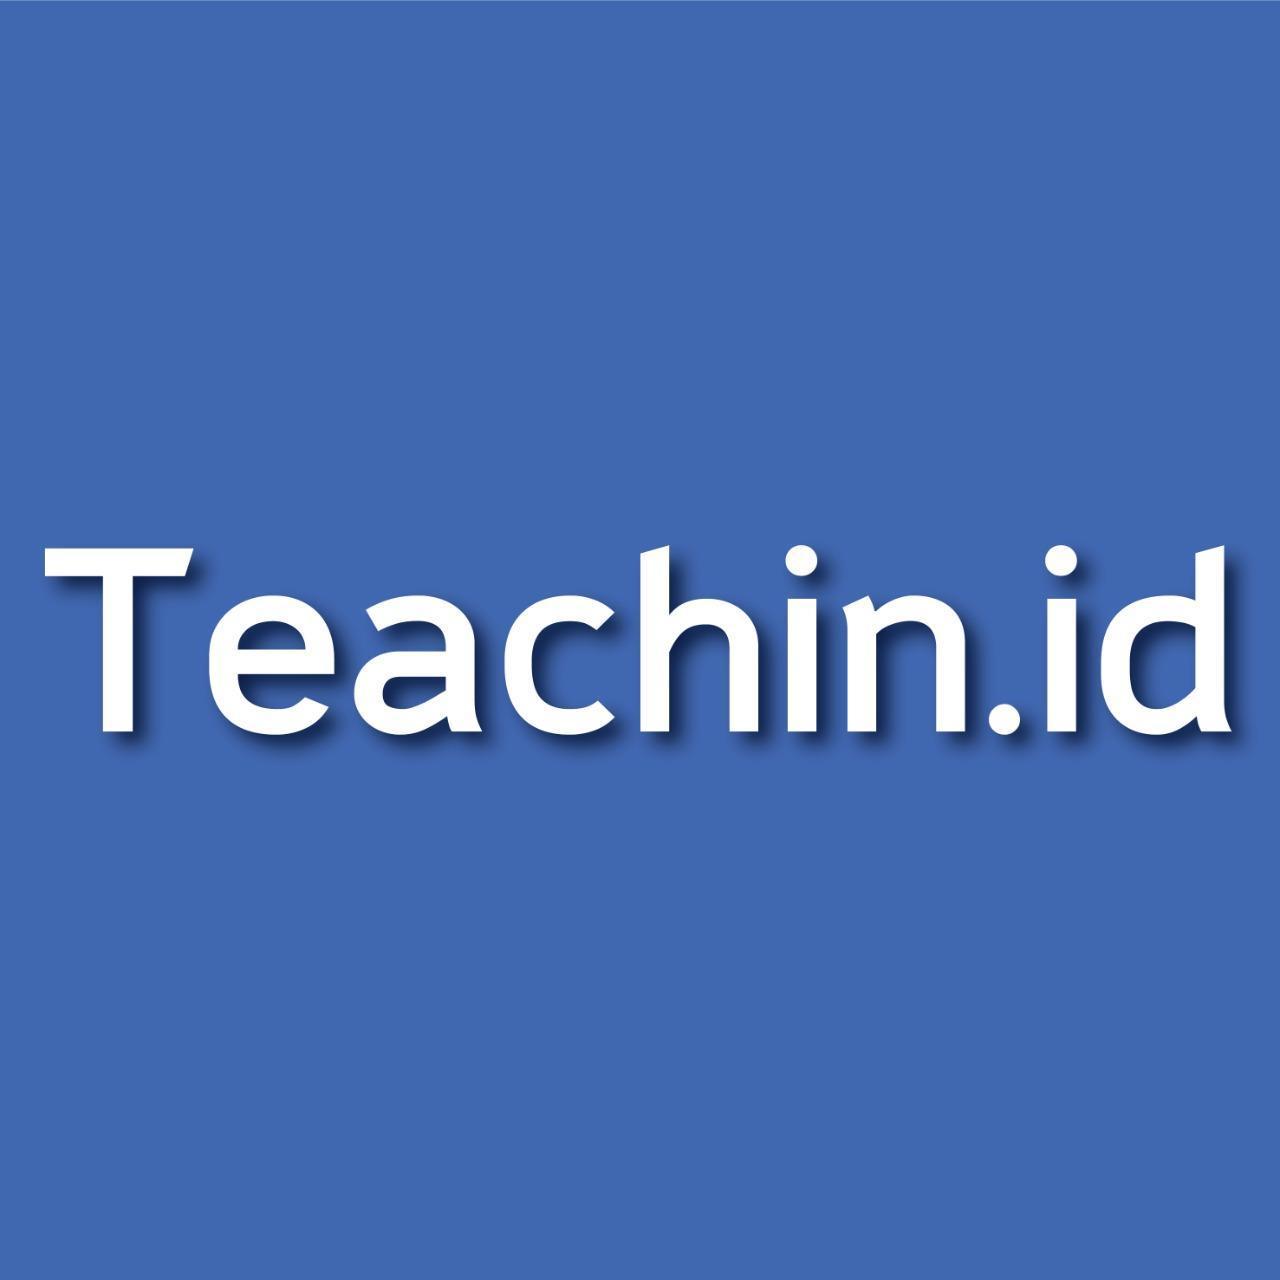 teachin .id